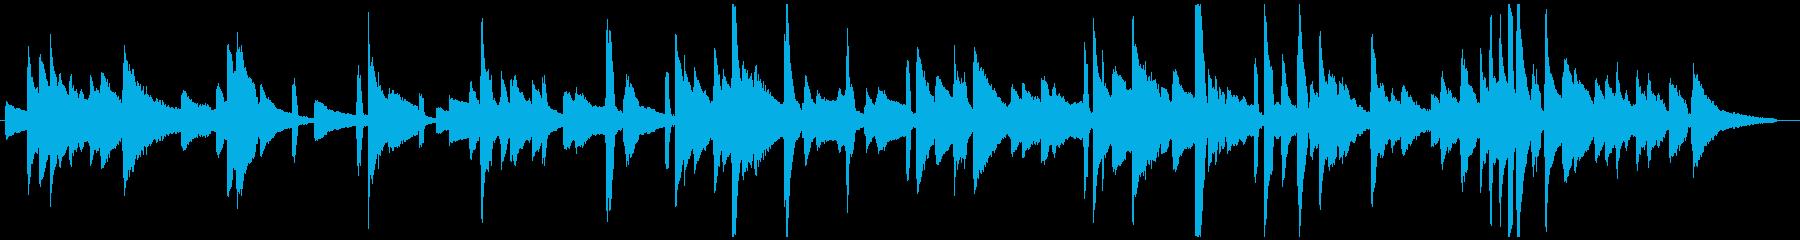 ゆっくりと揺れるピアノブルースの再生済みの波形